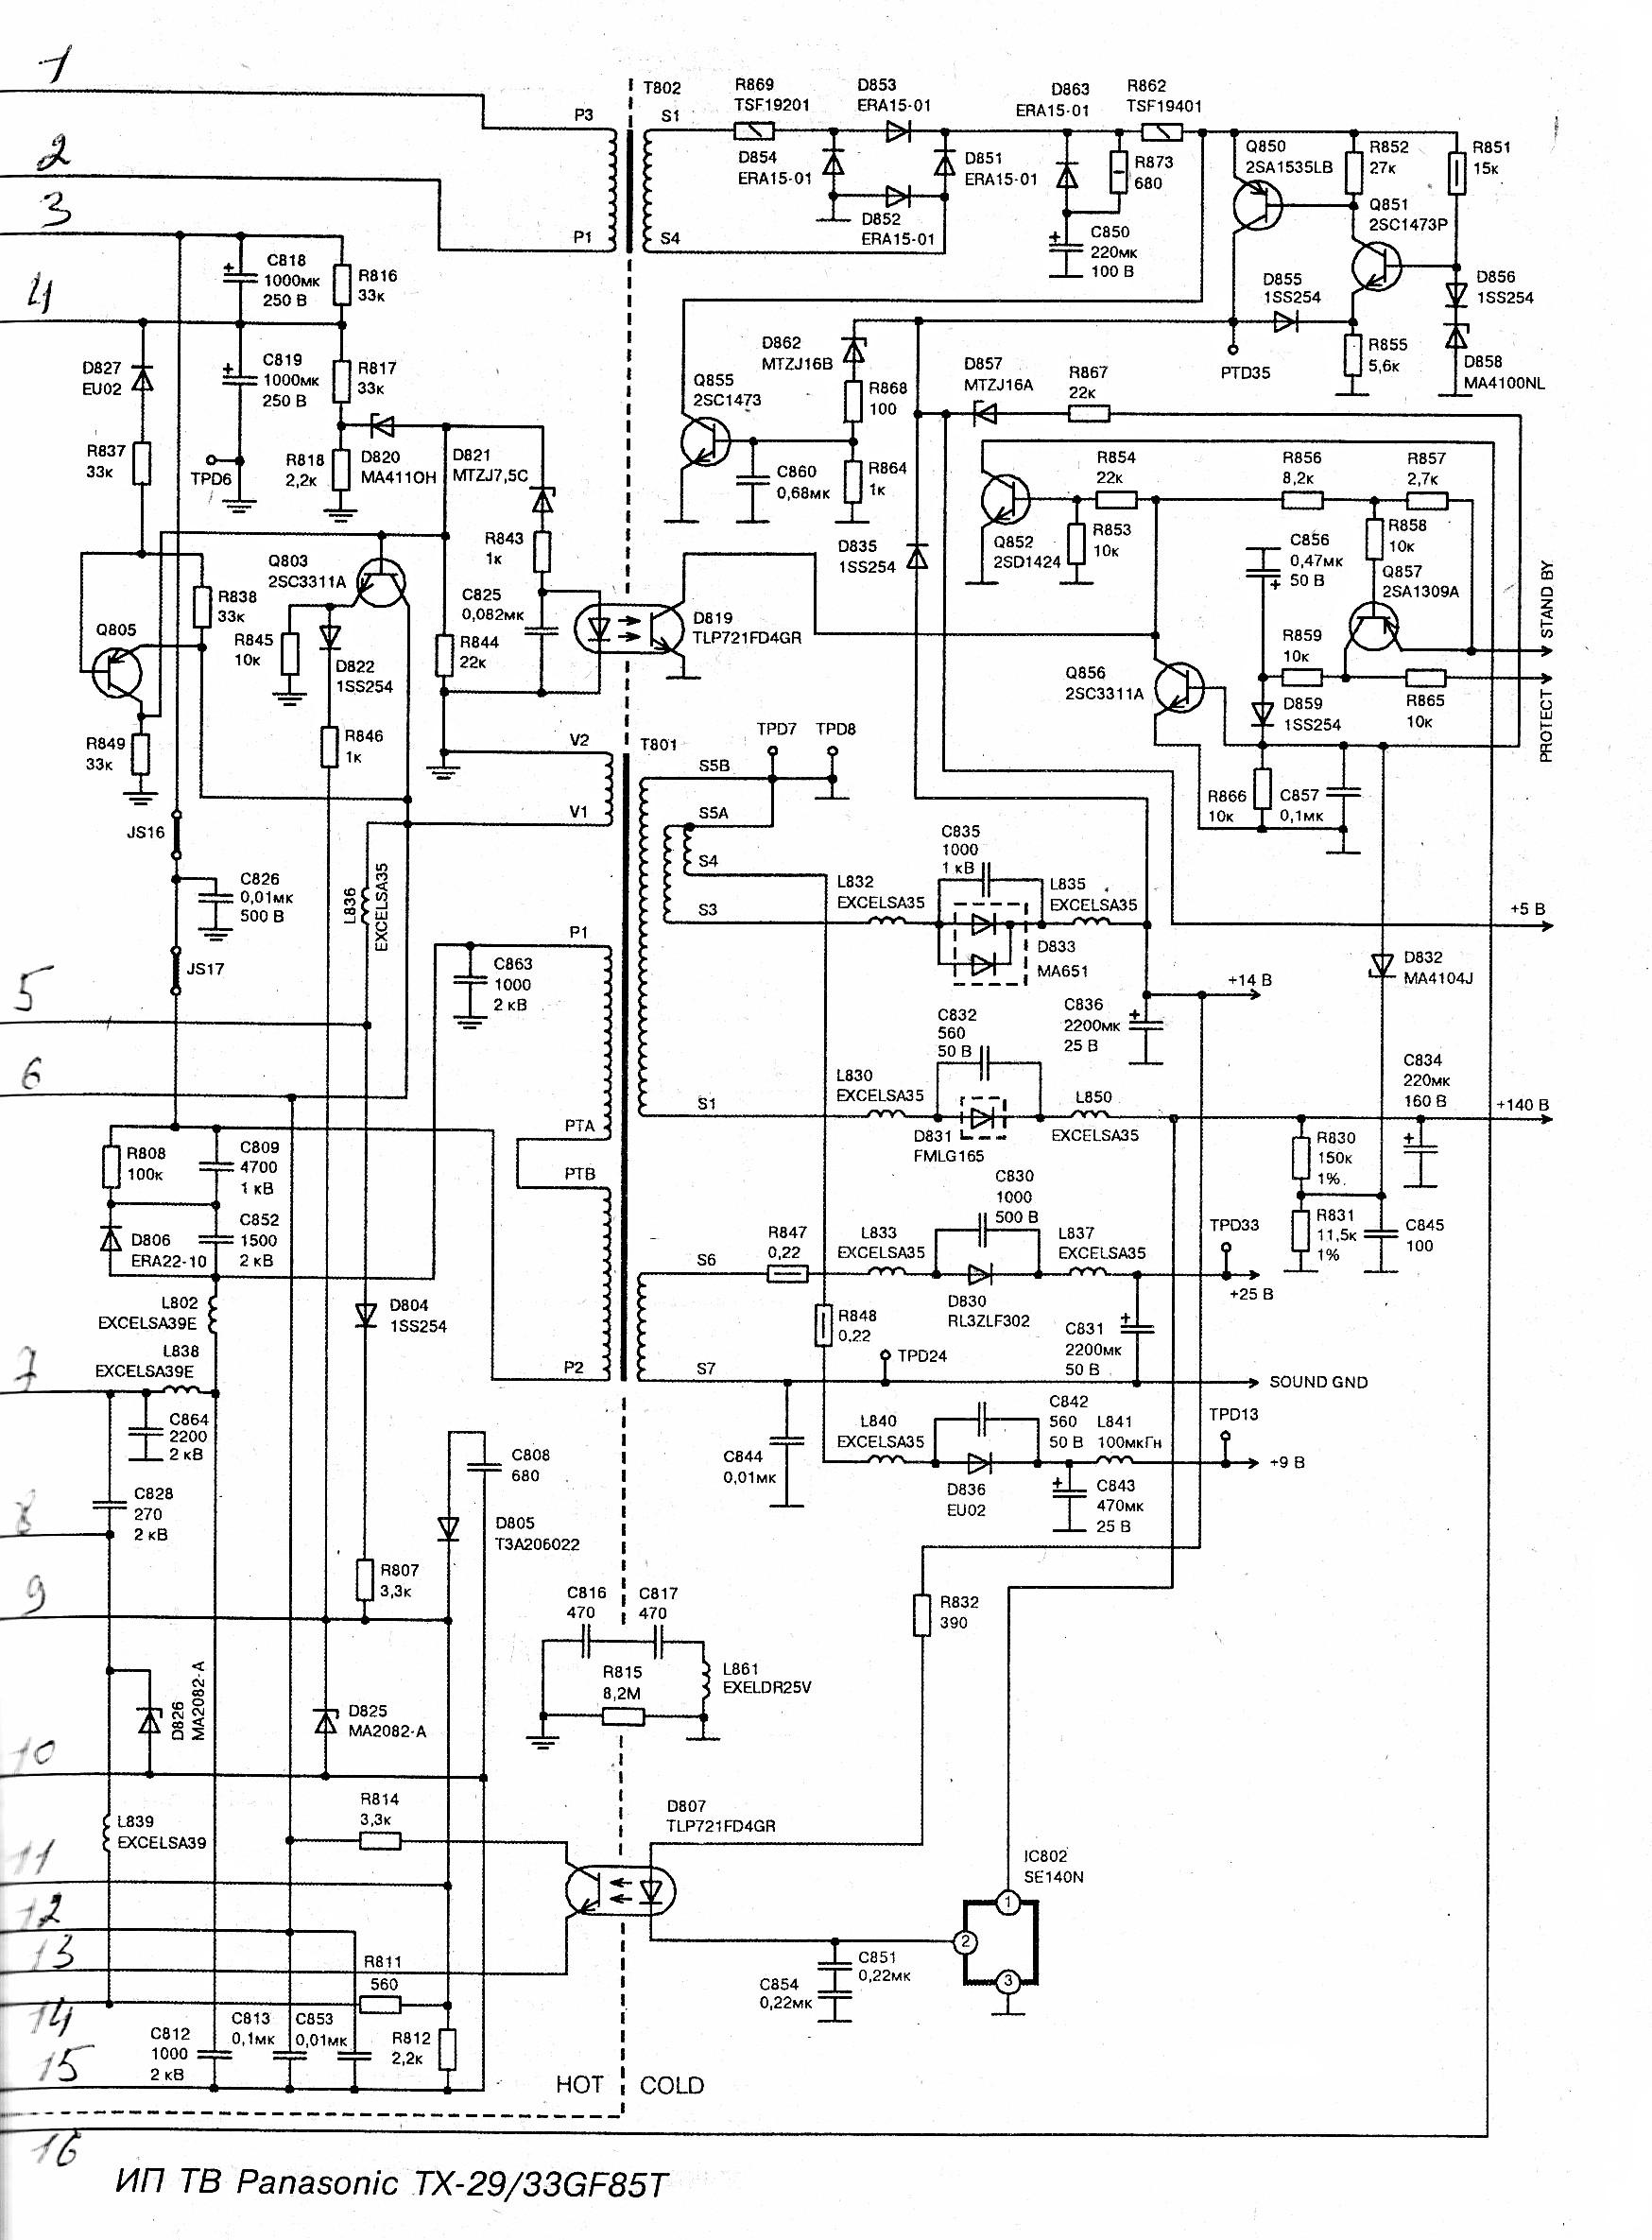 схема инвертора и блока питания bn44-00369b